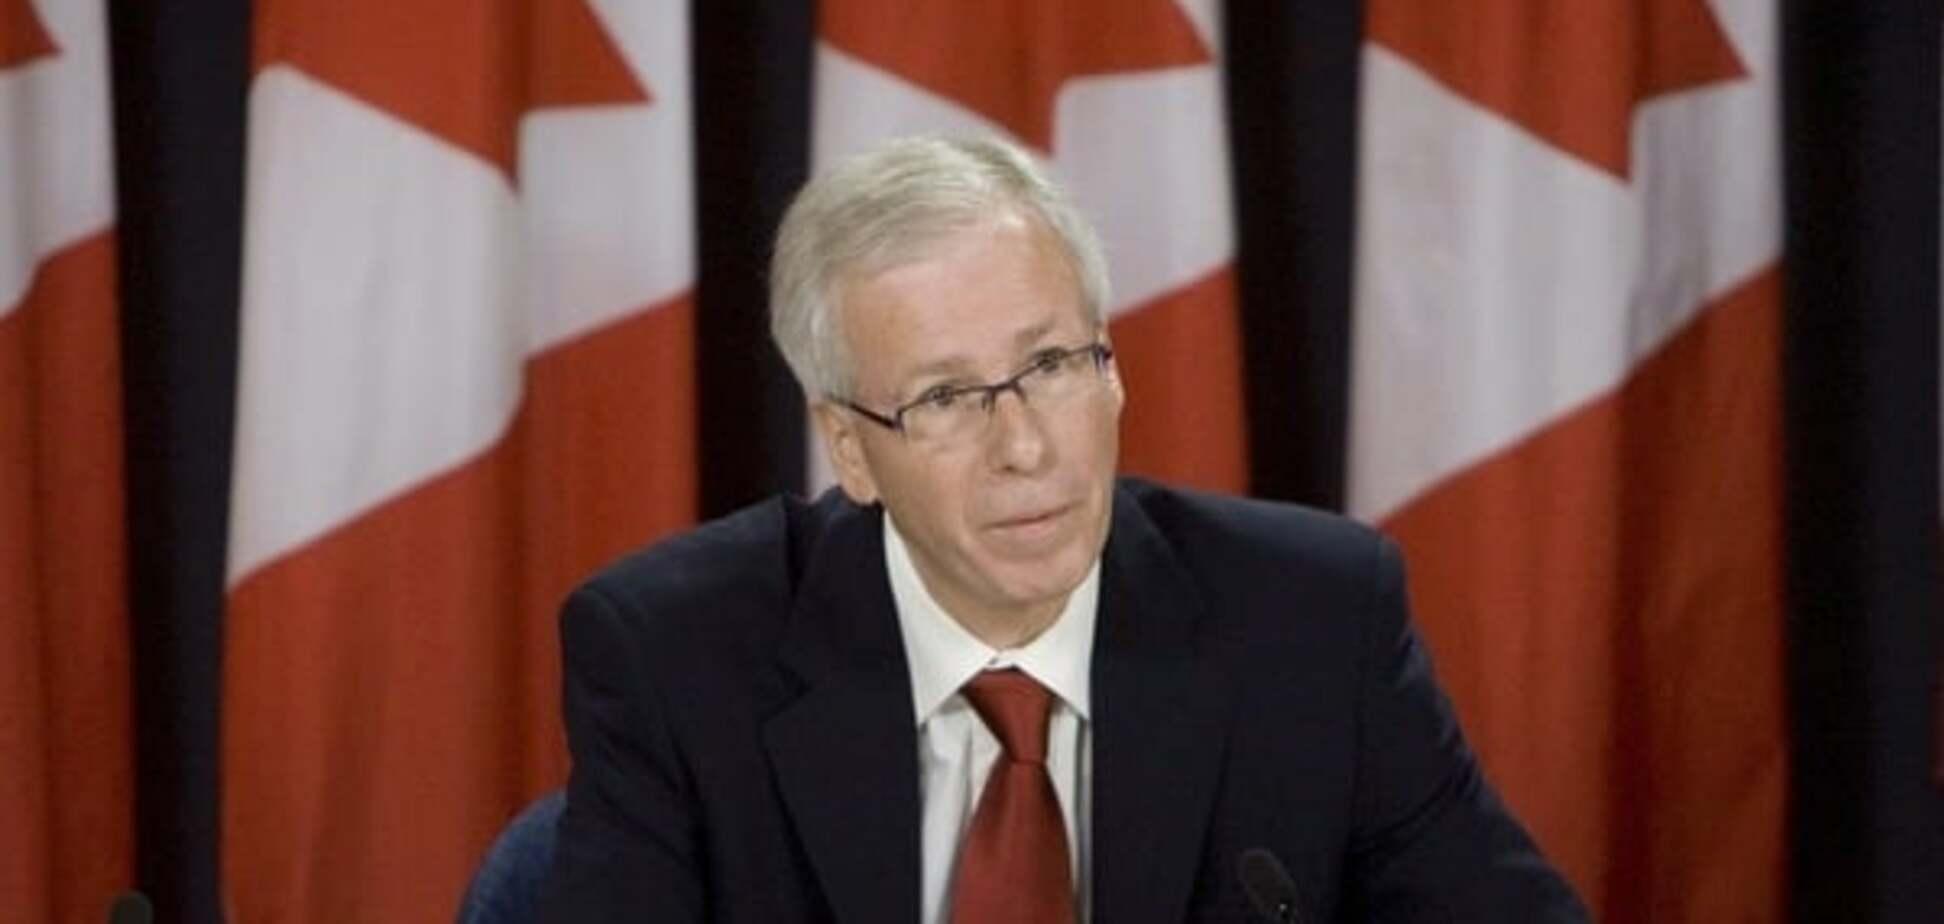 МЗС Канади розкритикувало Лаврова за його нападки на українську діаспору